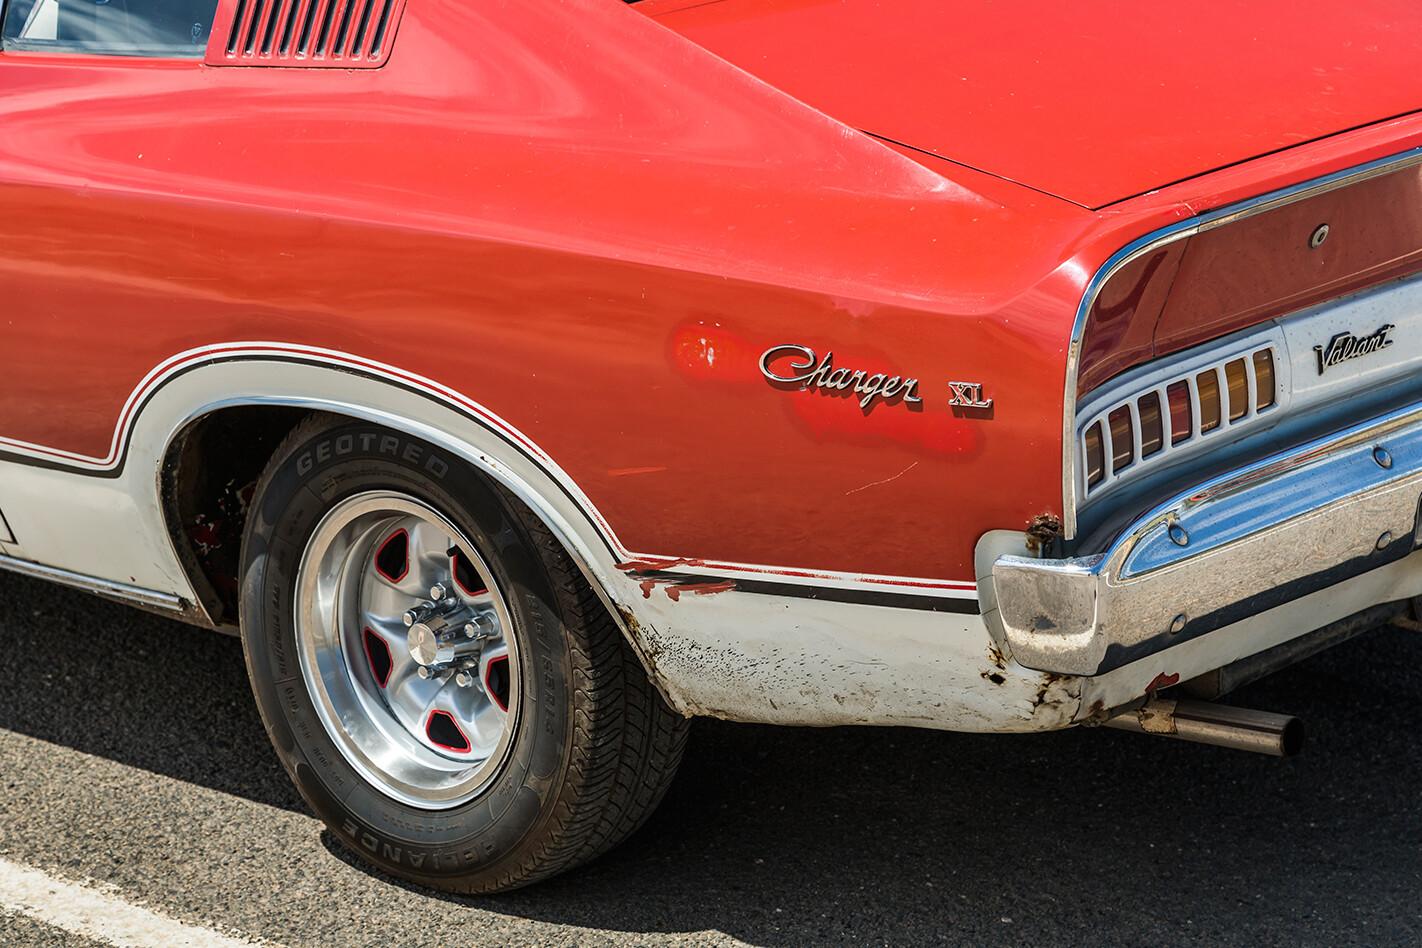 Chrysler VJ Valiant Charger rear quarter